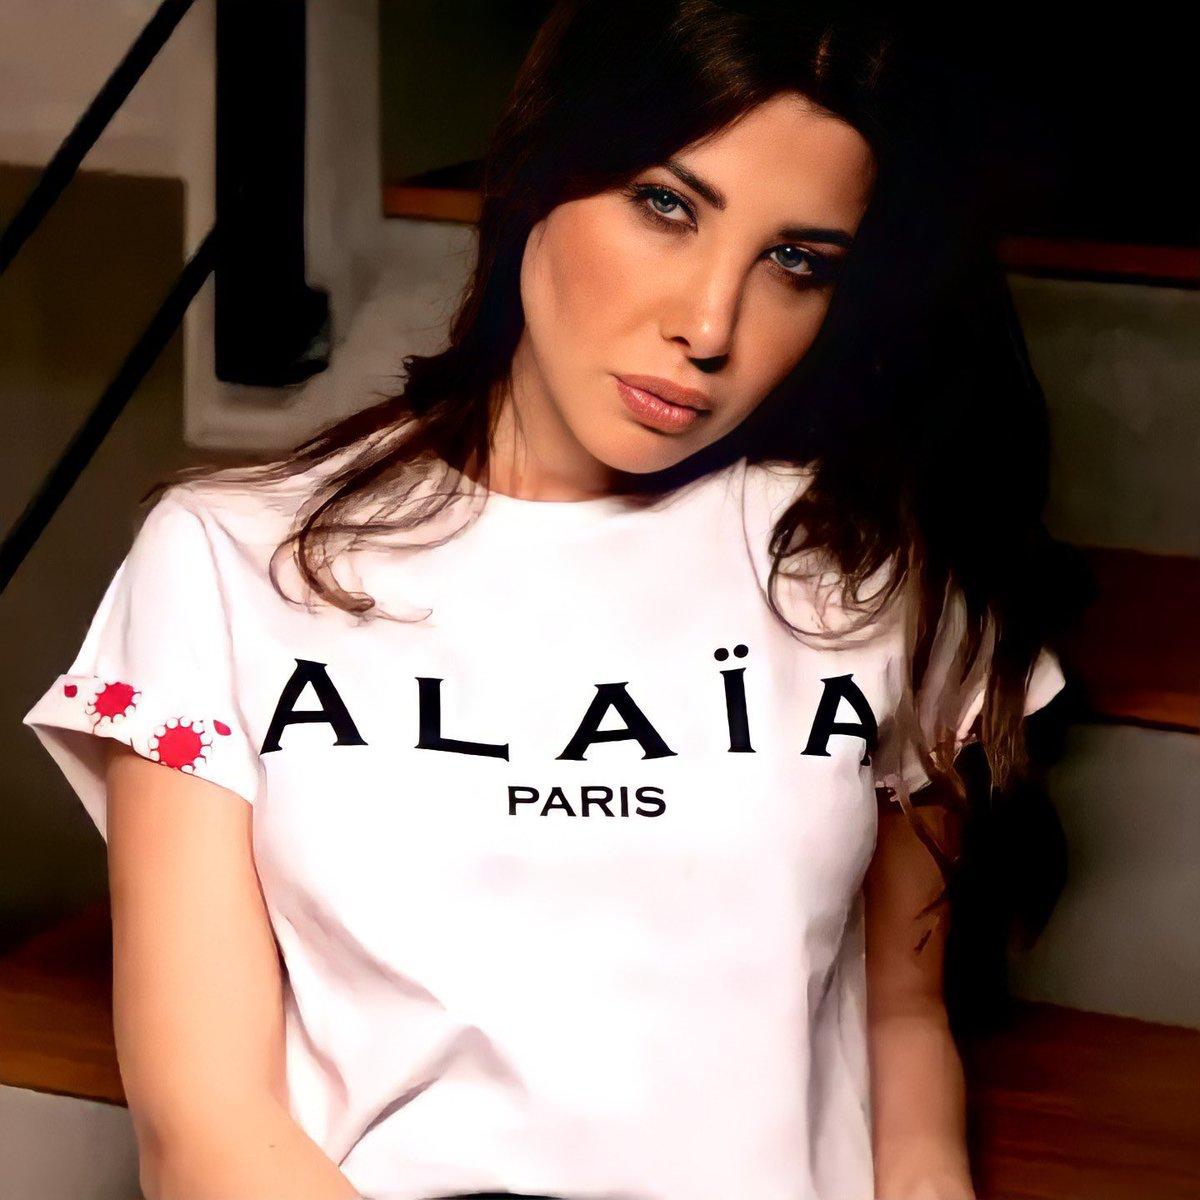 إنَ كوناً ليس لبنانُ فيهِ سوف يبقى عدماً أو مستحيلا 🇱🇧  @NancyAjram  #إلي_بيروت_الأنثي